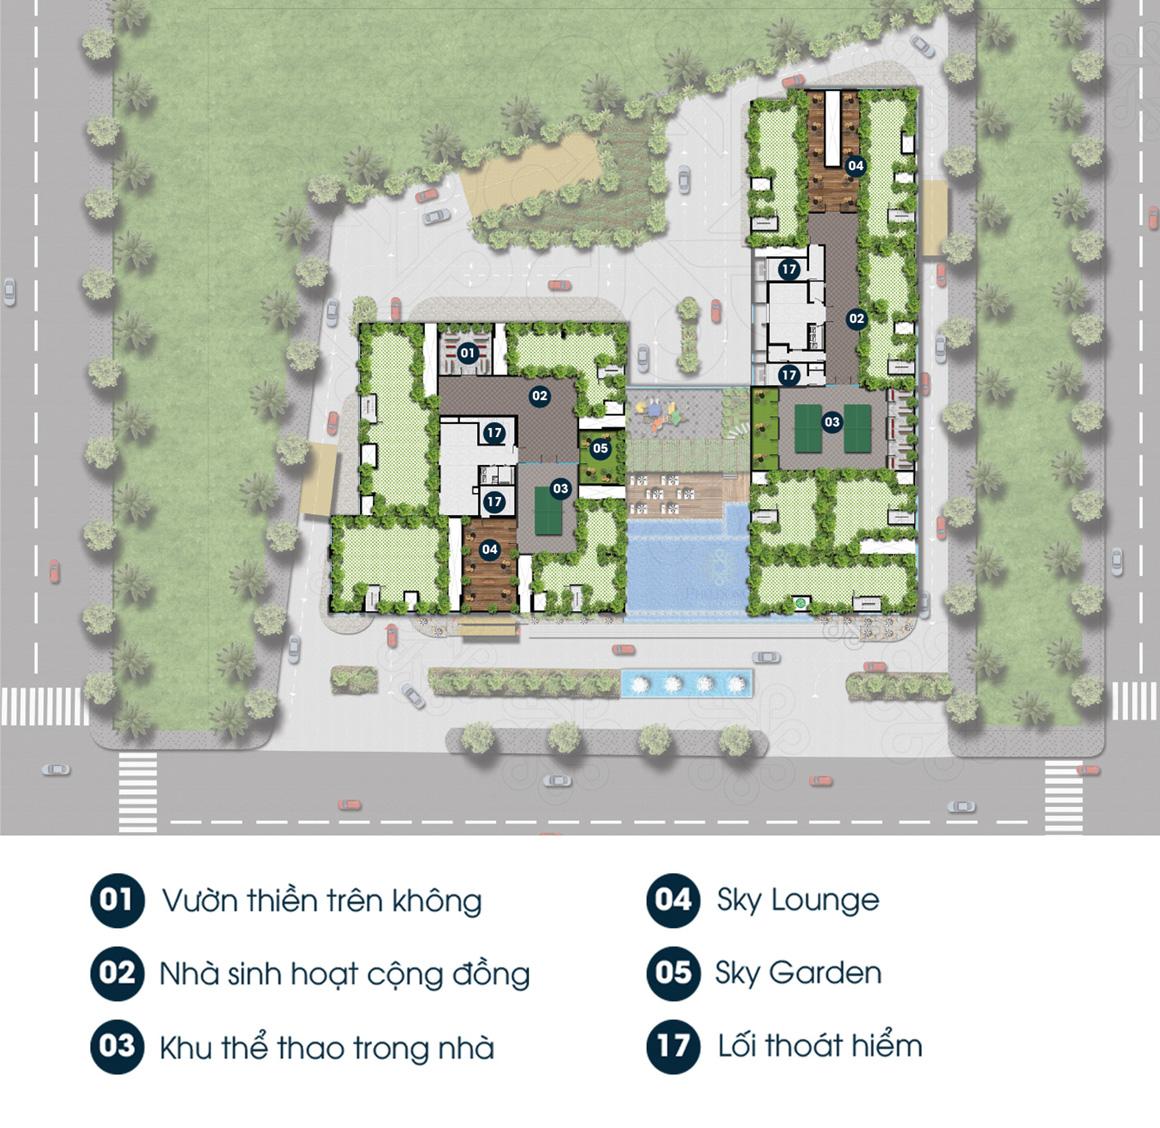 Tiện ích Sân Thượng dự án Phú Đông Premier